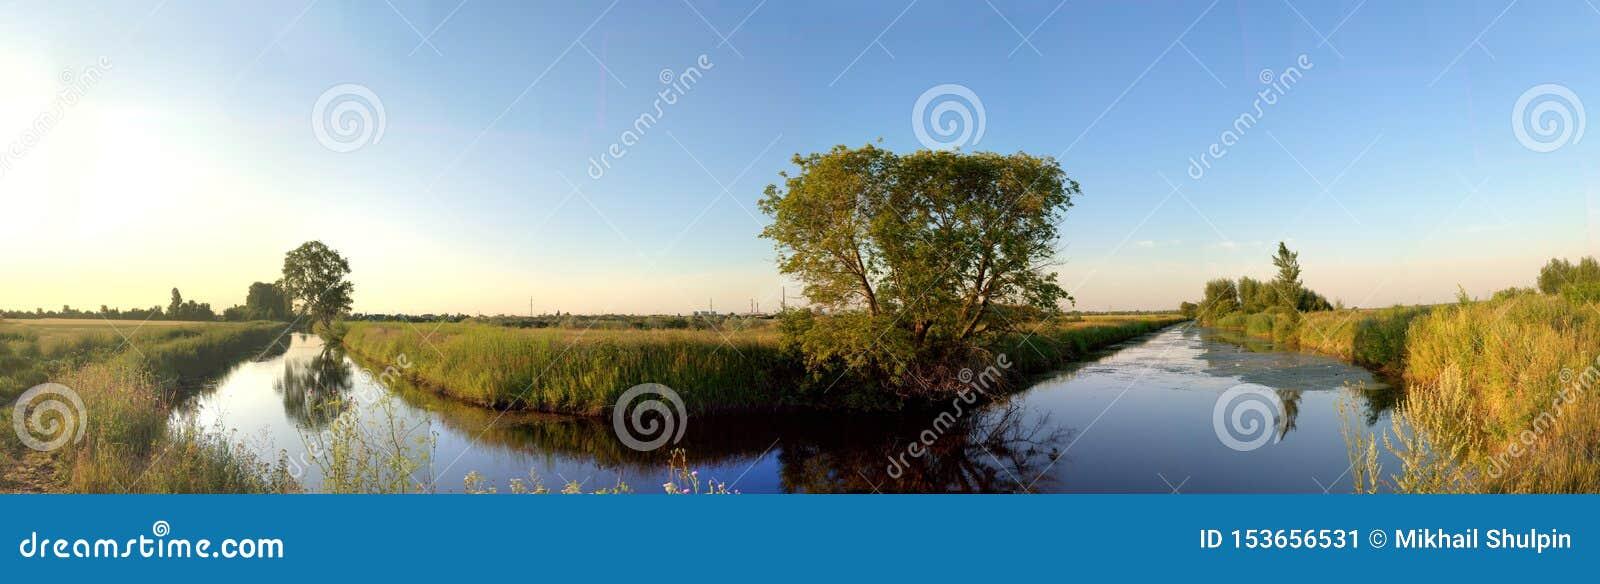 Opinião da manhã do canal e das árvores da irrigação refletidos na água